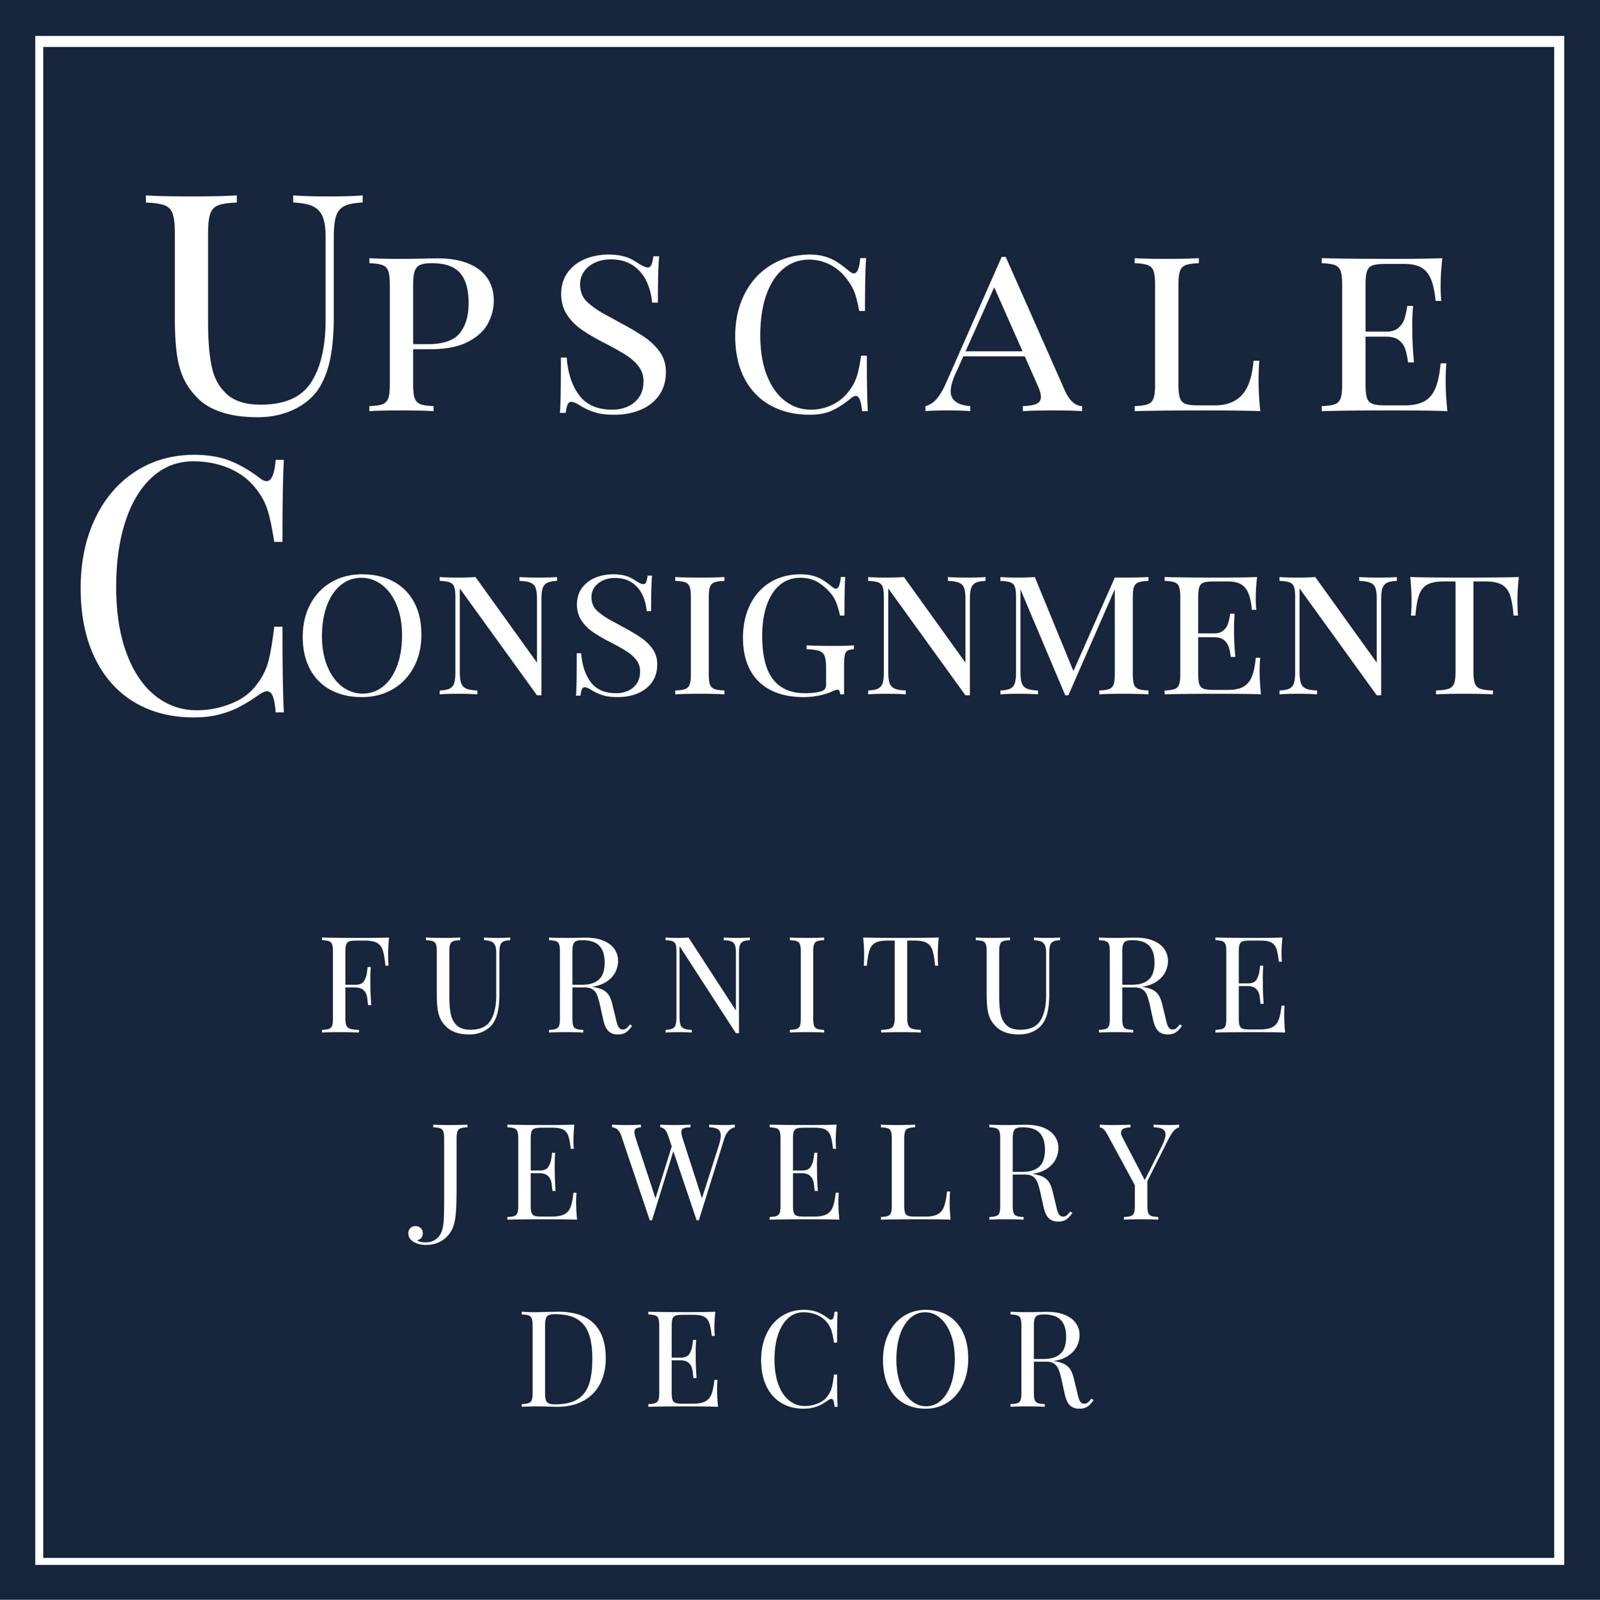 Beau Upscale Consignment | Upscale Used Furniture U0026 Decor